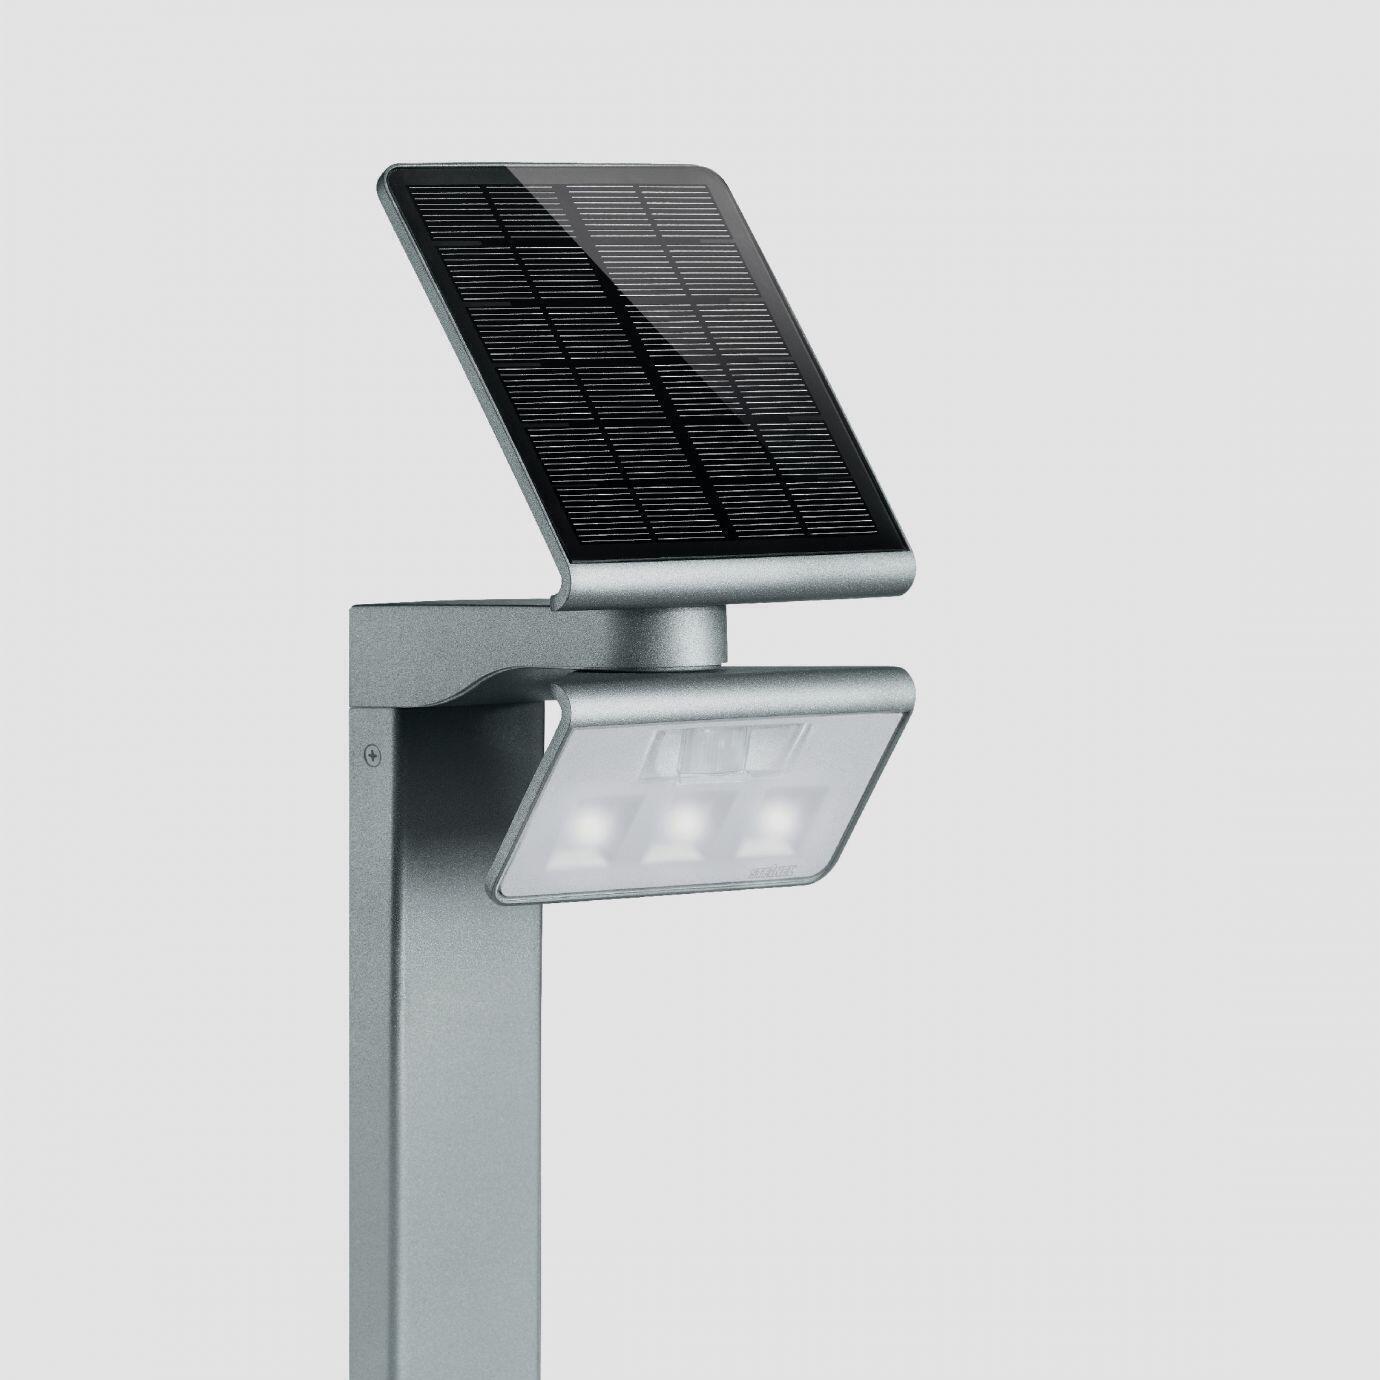 strahler-x-solar-gl-s-produkt.jpg